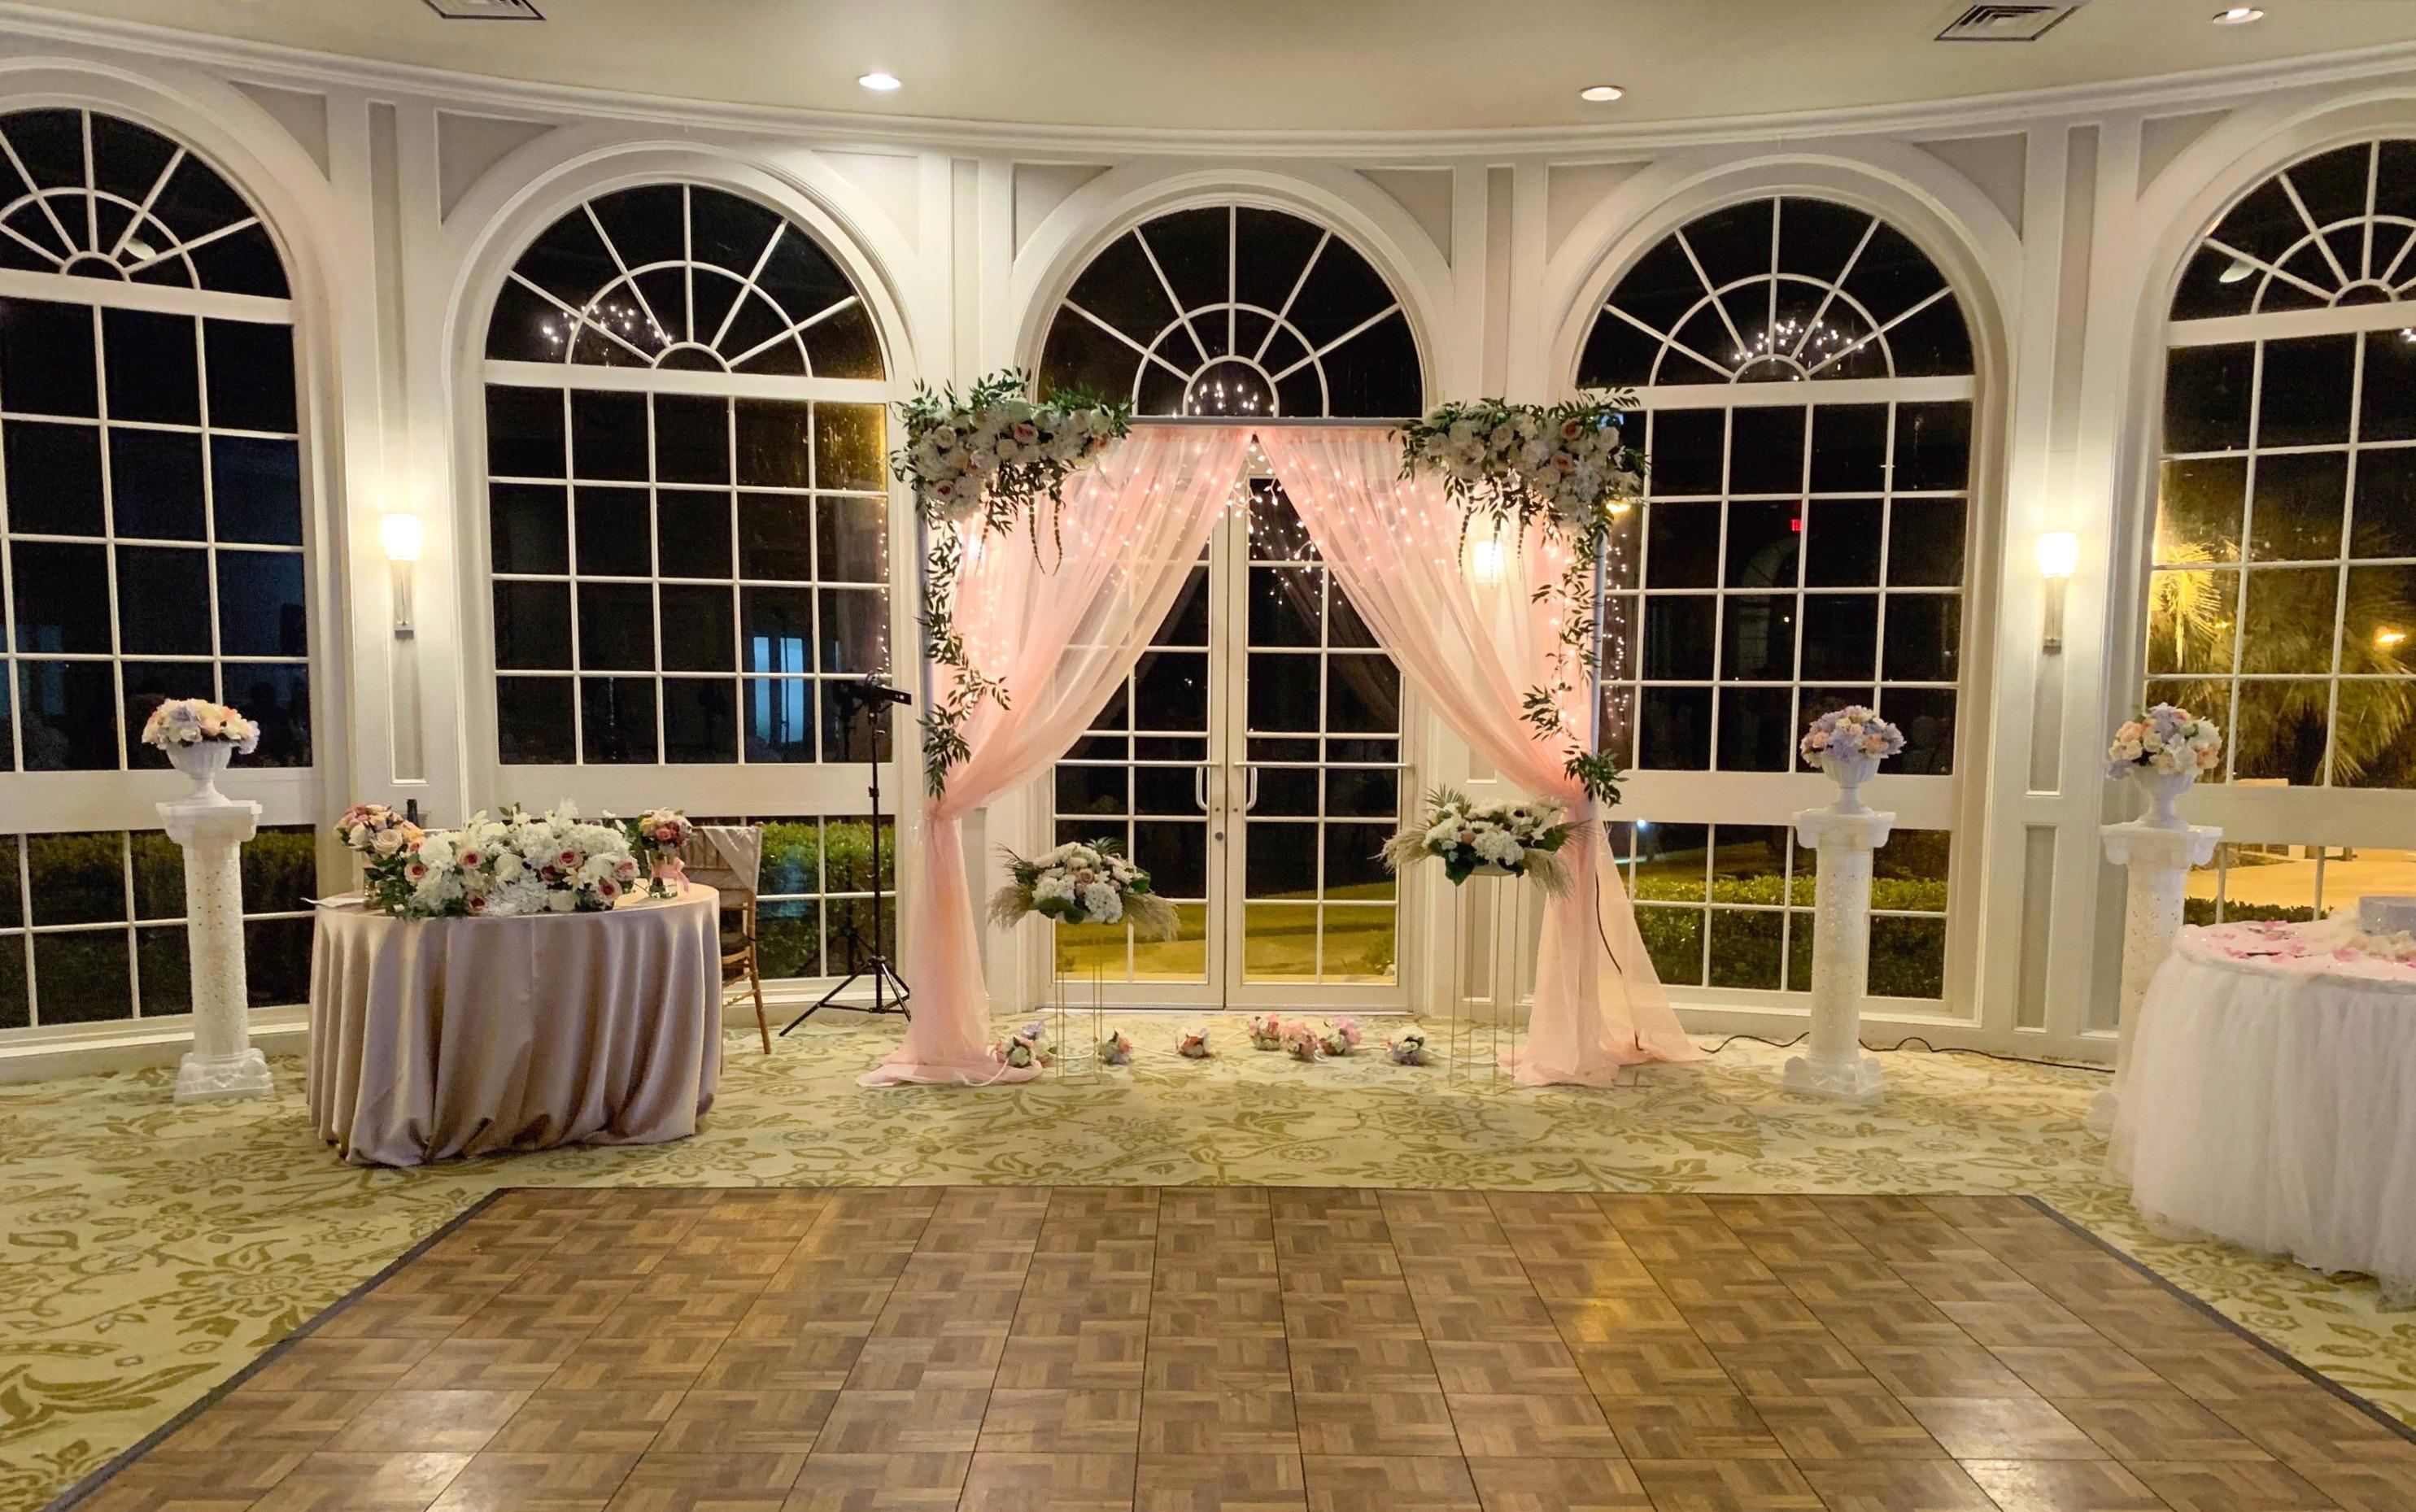 wholesale florist dallas open to public|dallas florist petals|florist dallas pa|florist dallas penns